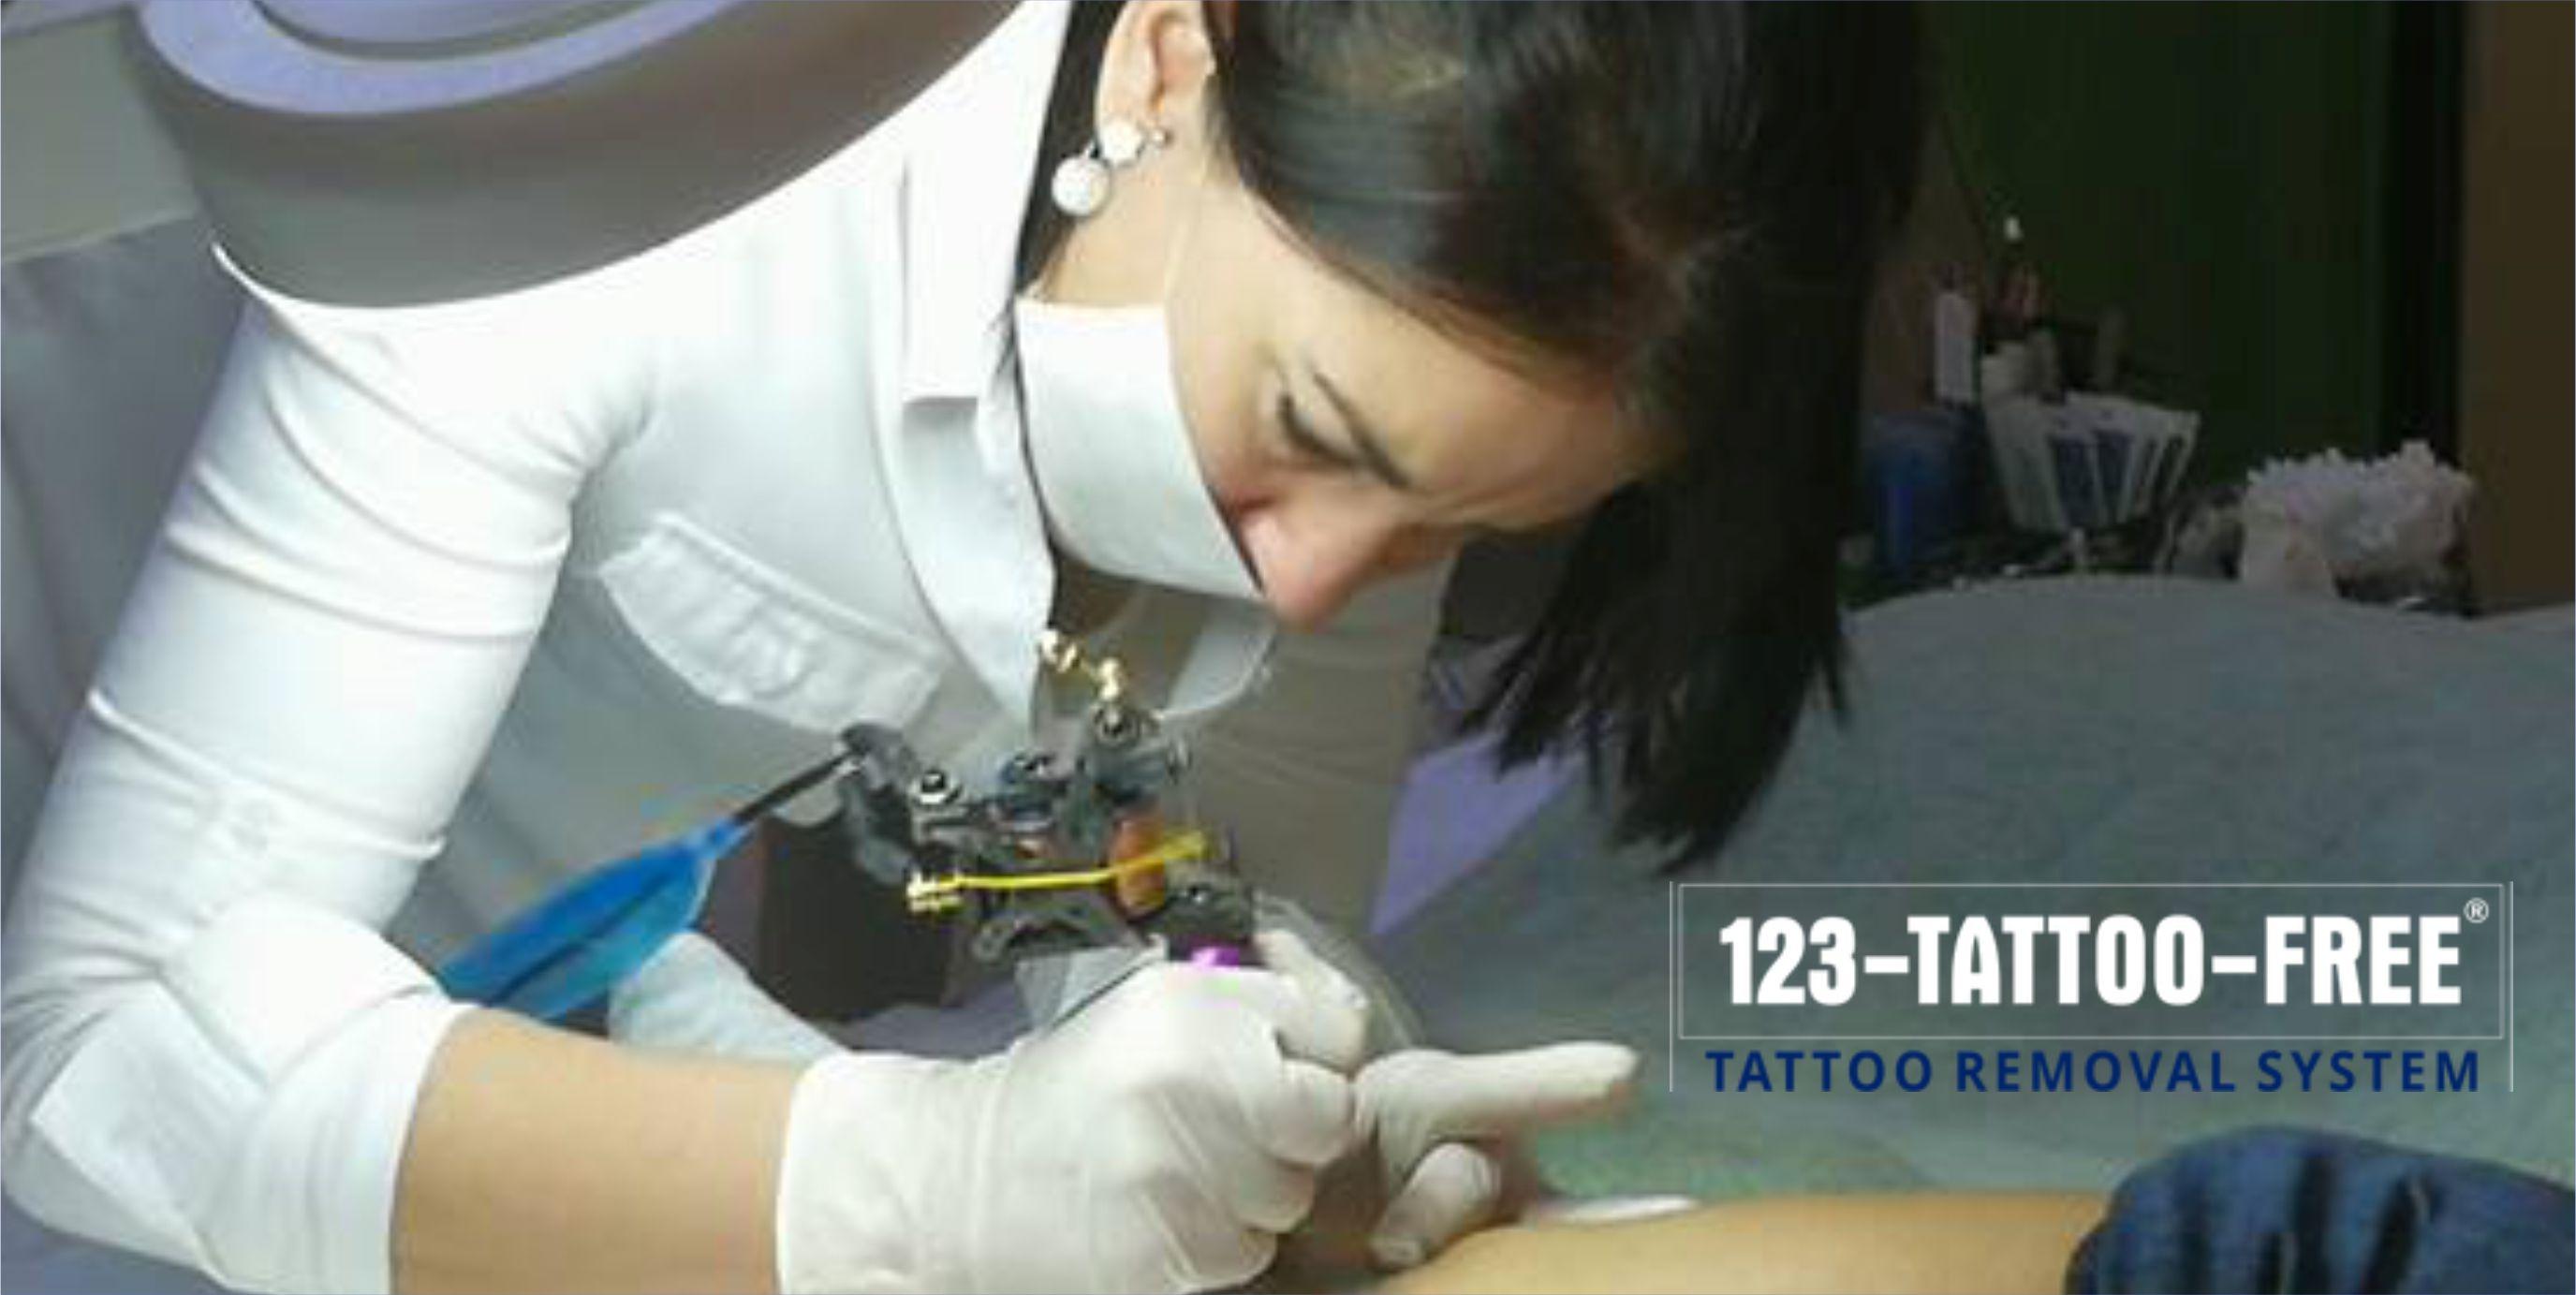 123-Tattoo-Free